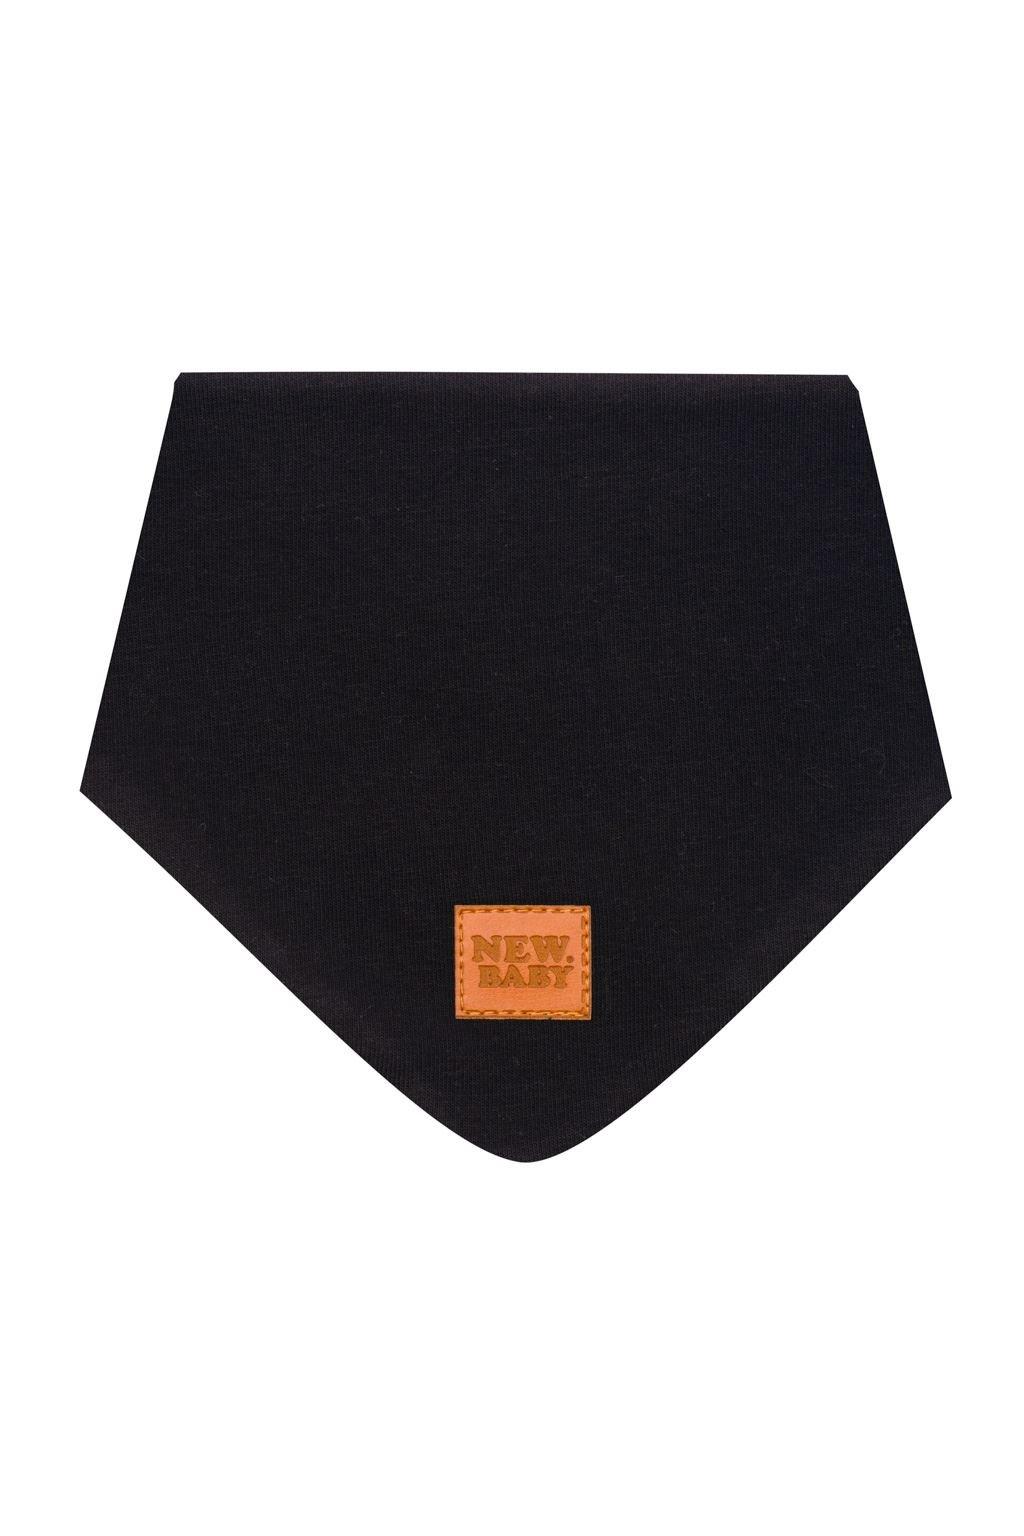 Dojčenská bavlnená šatka na krk New Baby Favorite čierna M